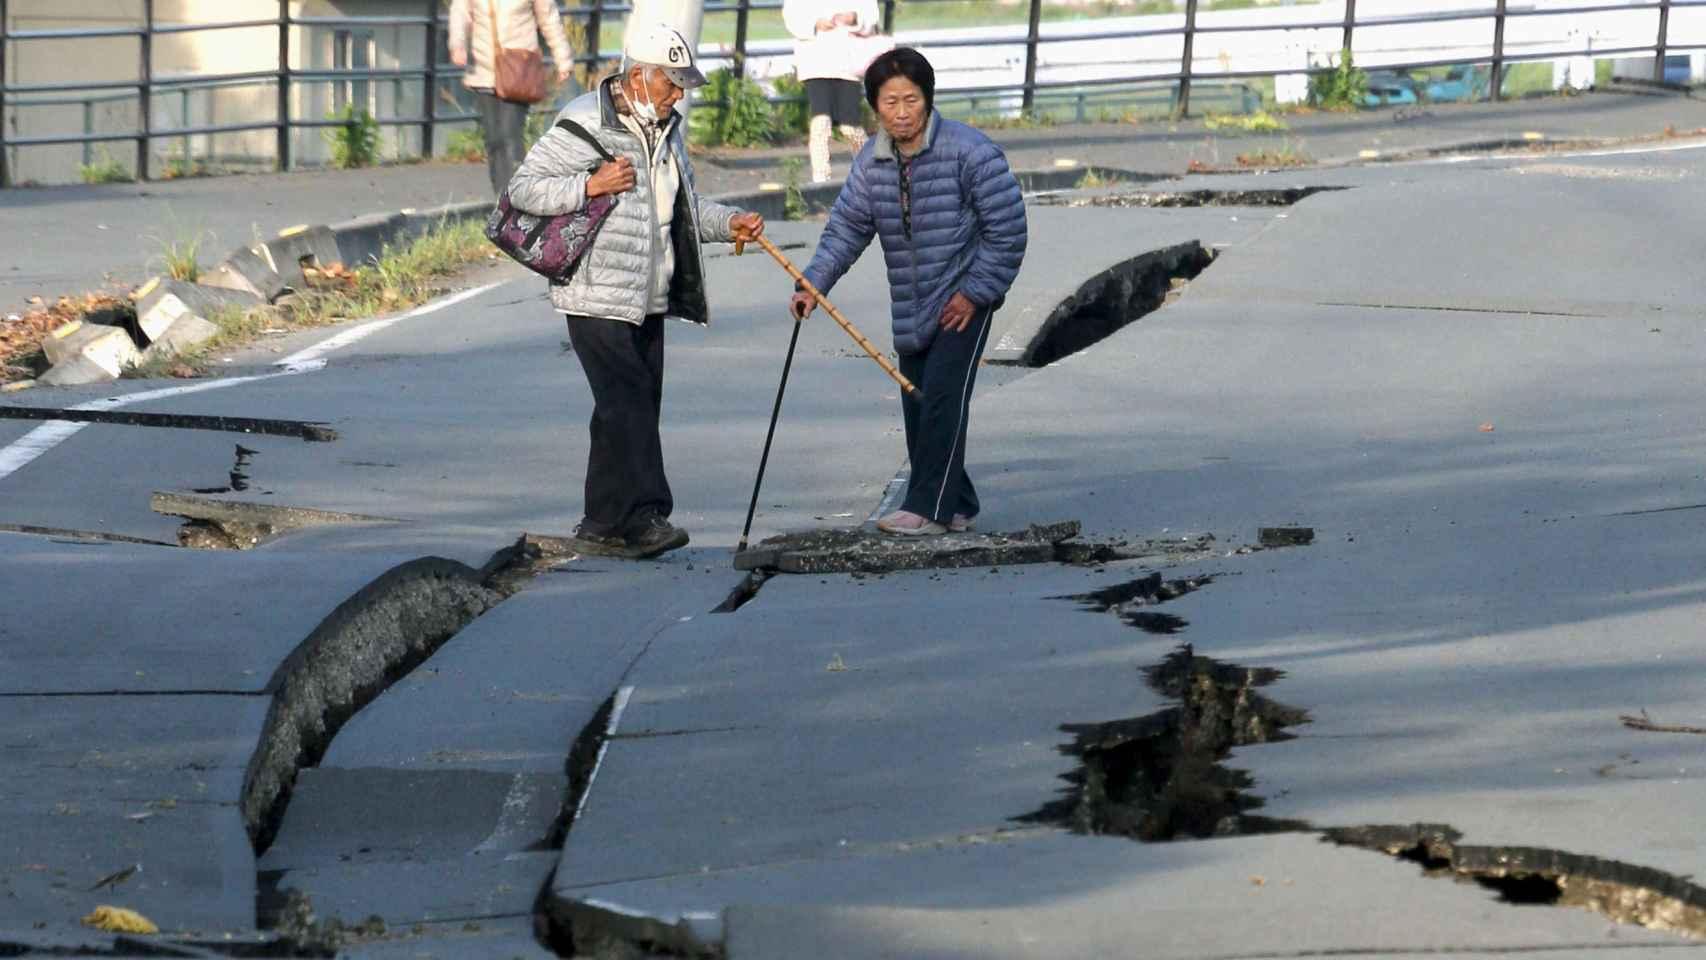 Desperfectos en la ciudad de Mashiki, en la prefectura japonesa de Kumamoto.